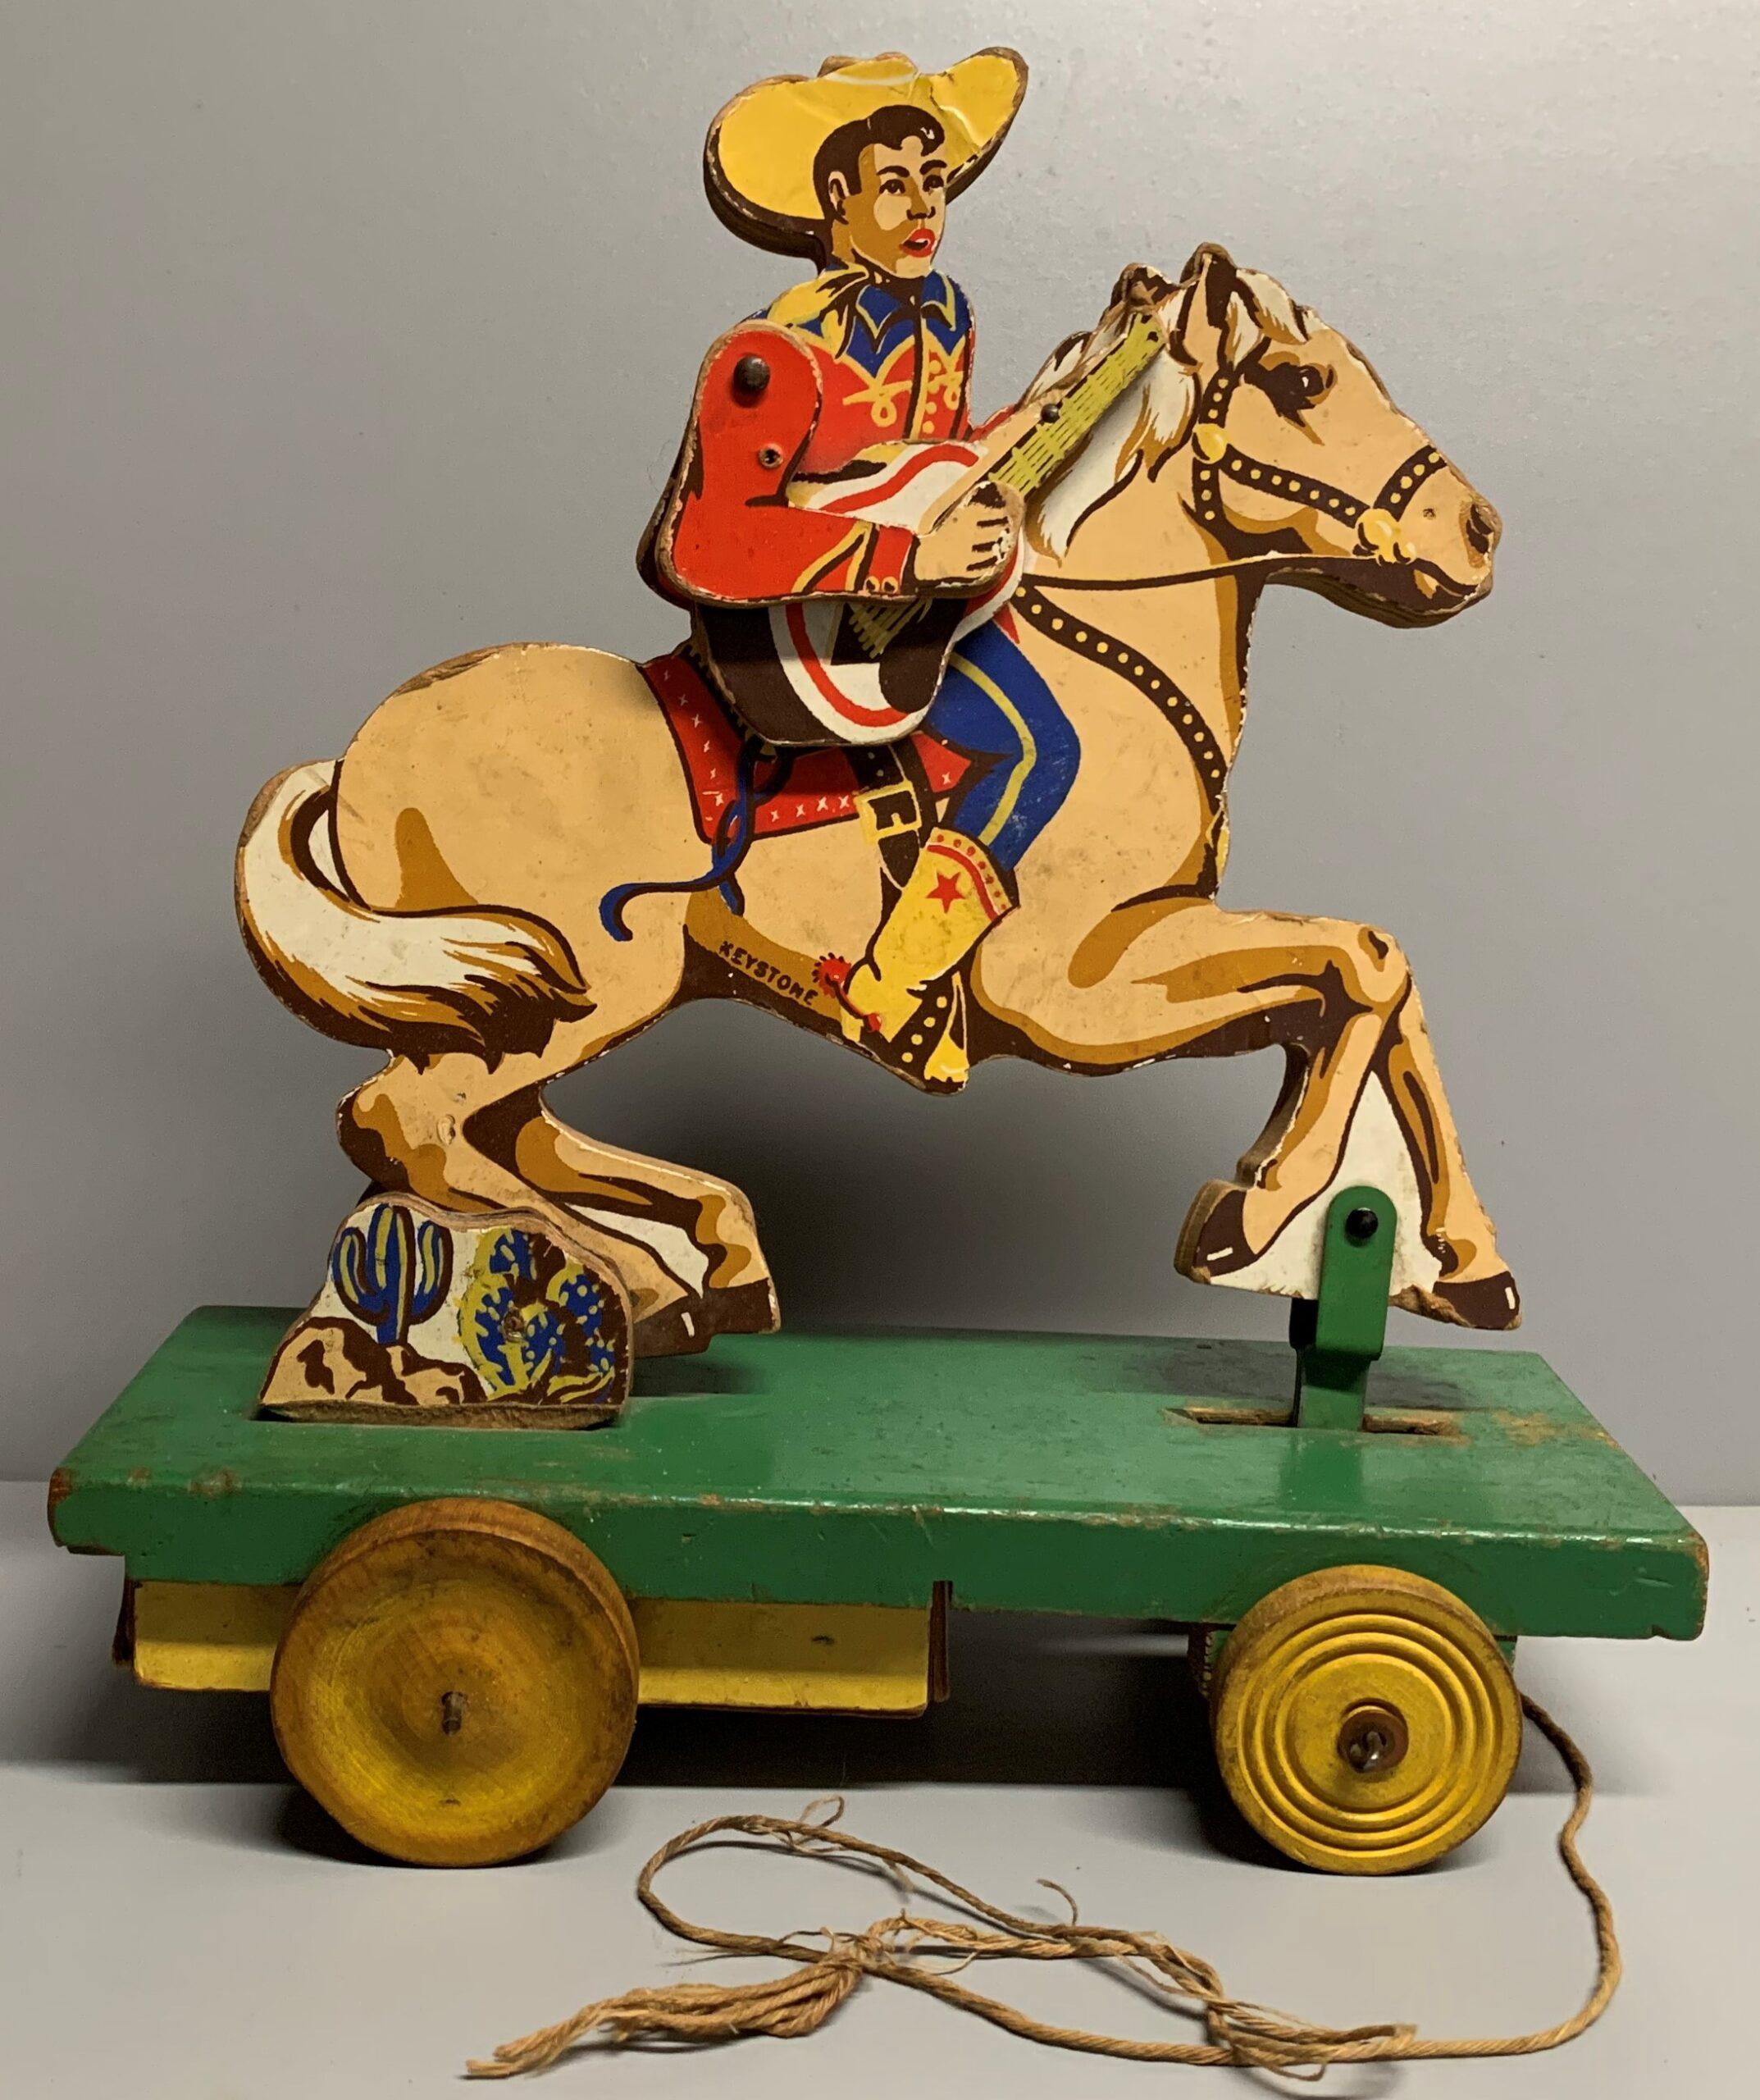 Keystone Cowboy with Guitar Pull Toy